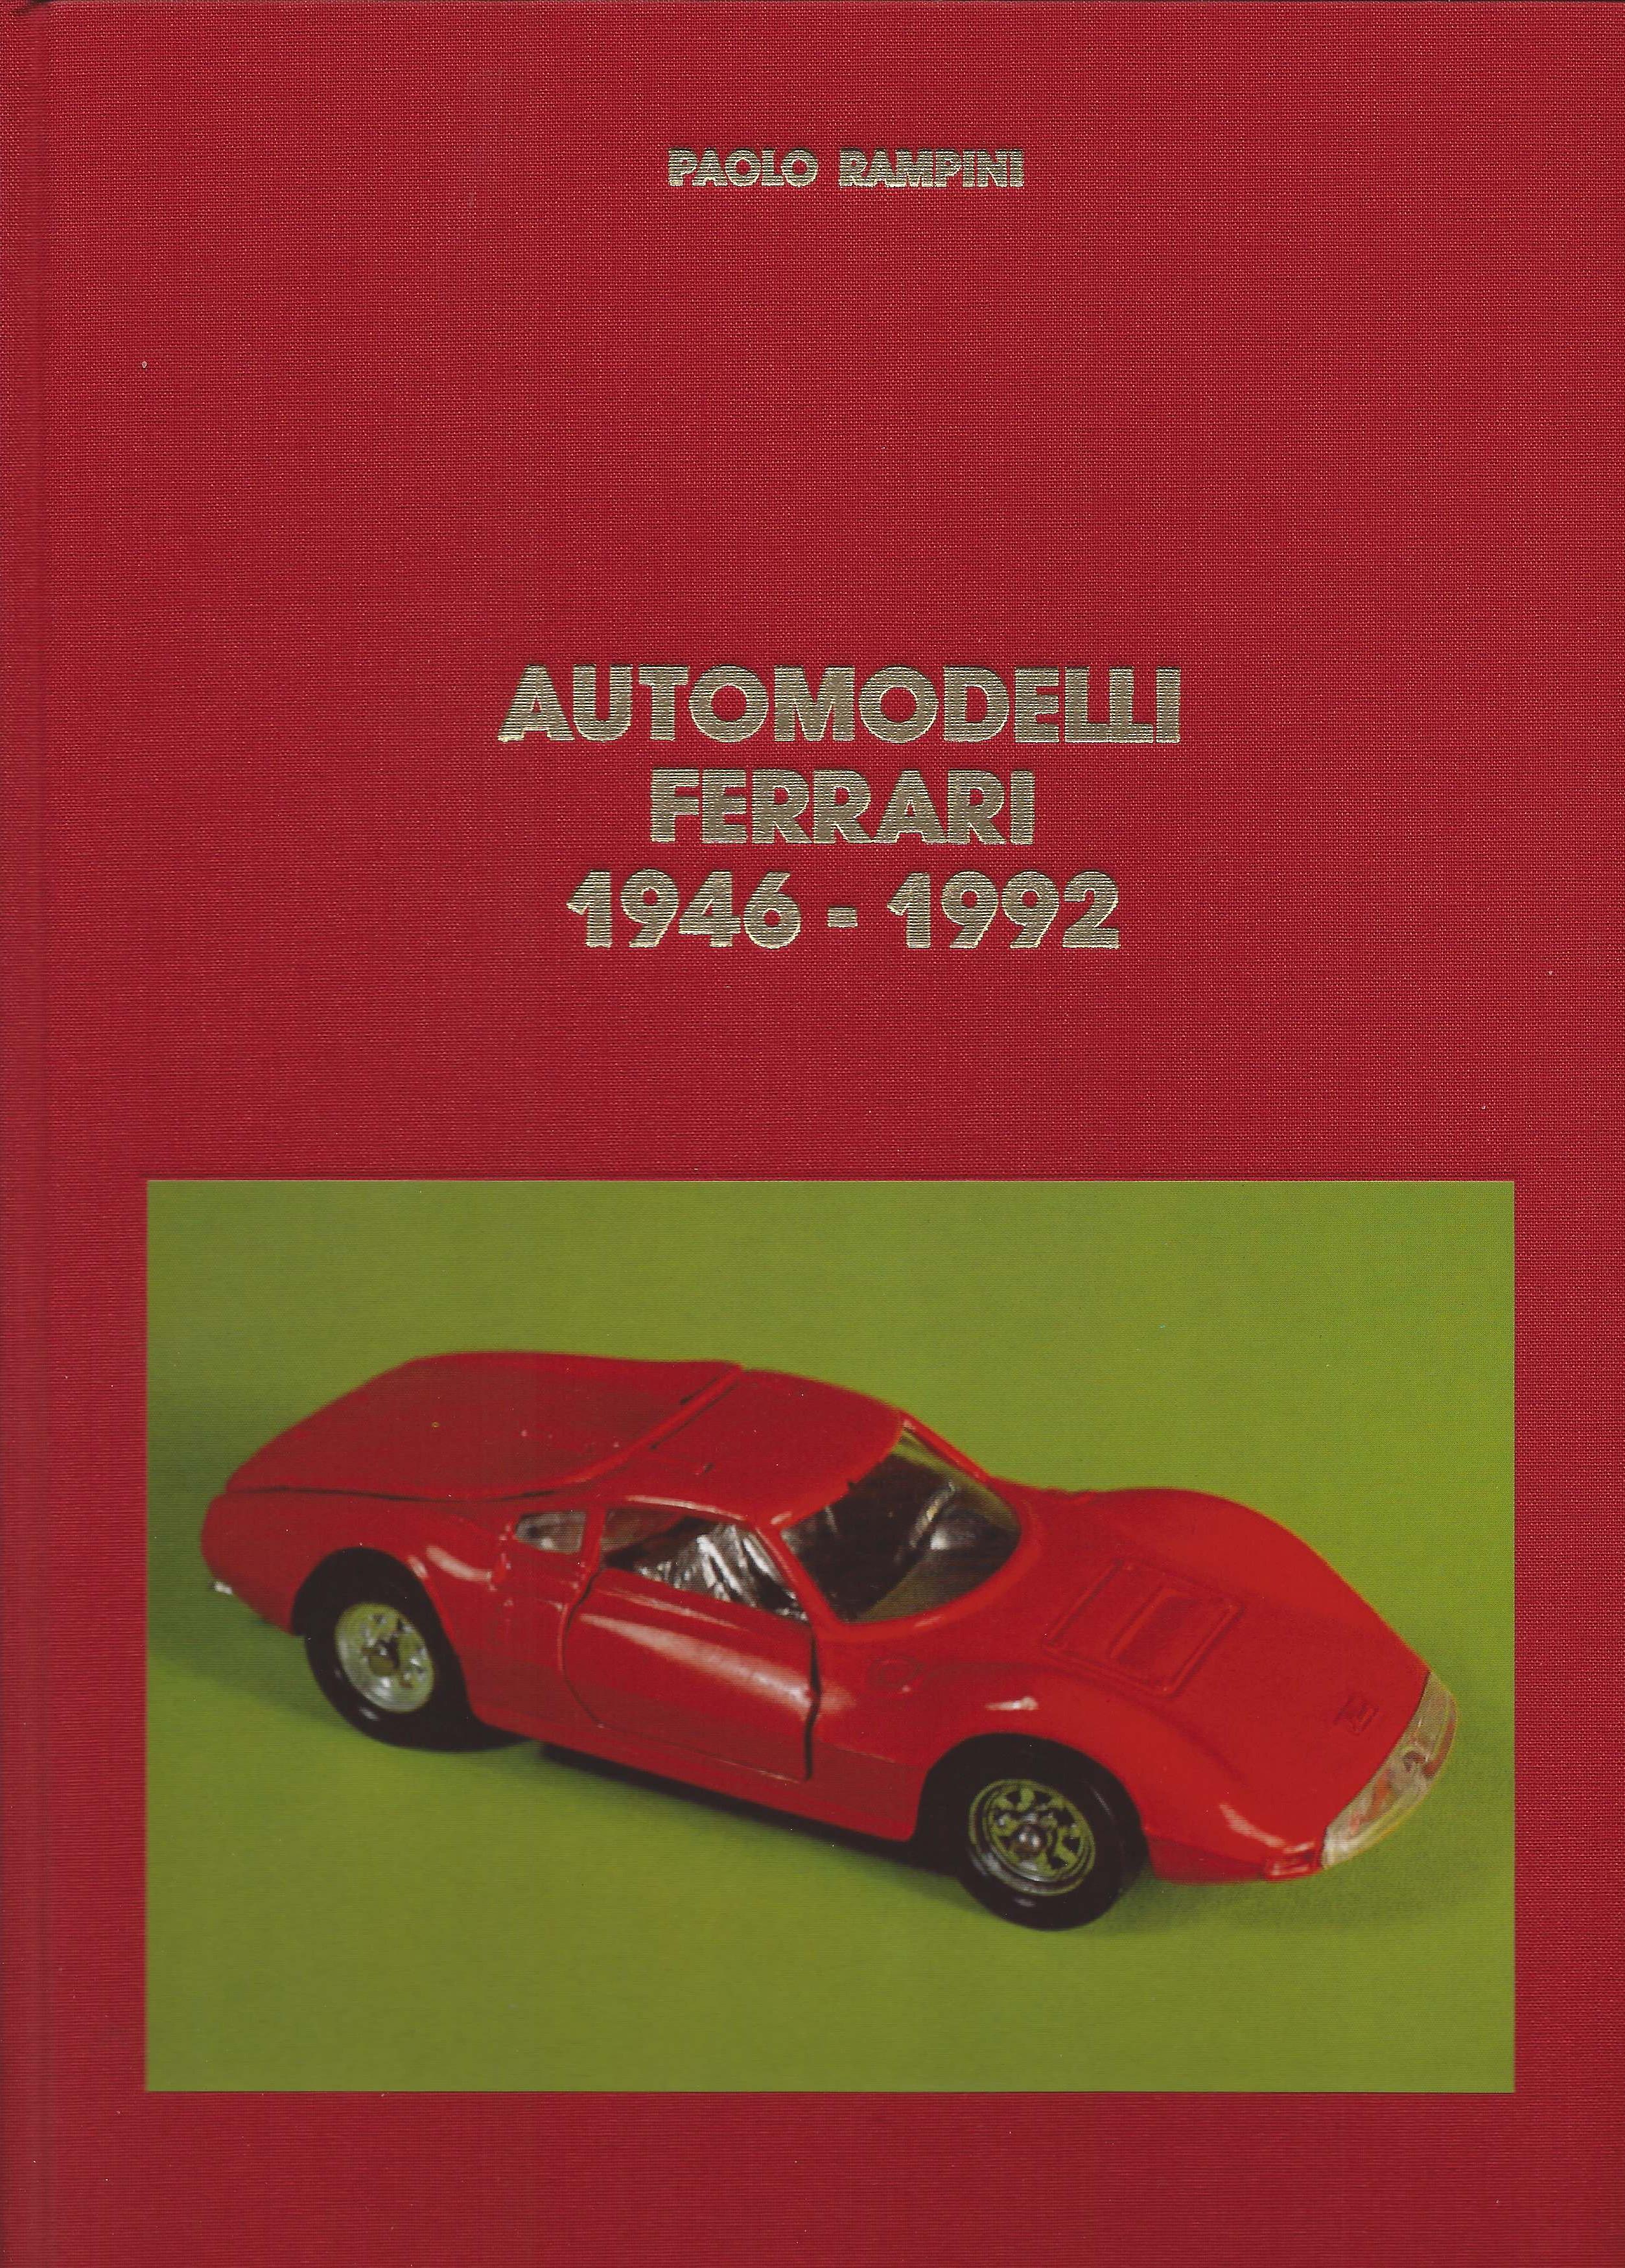 4 - Automodelli Ferrari 1946-1992, Milano, Edizioni Paolo Rampini, 1992